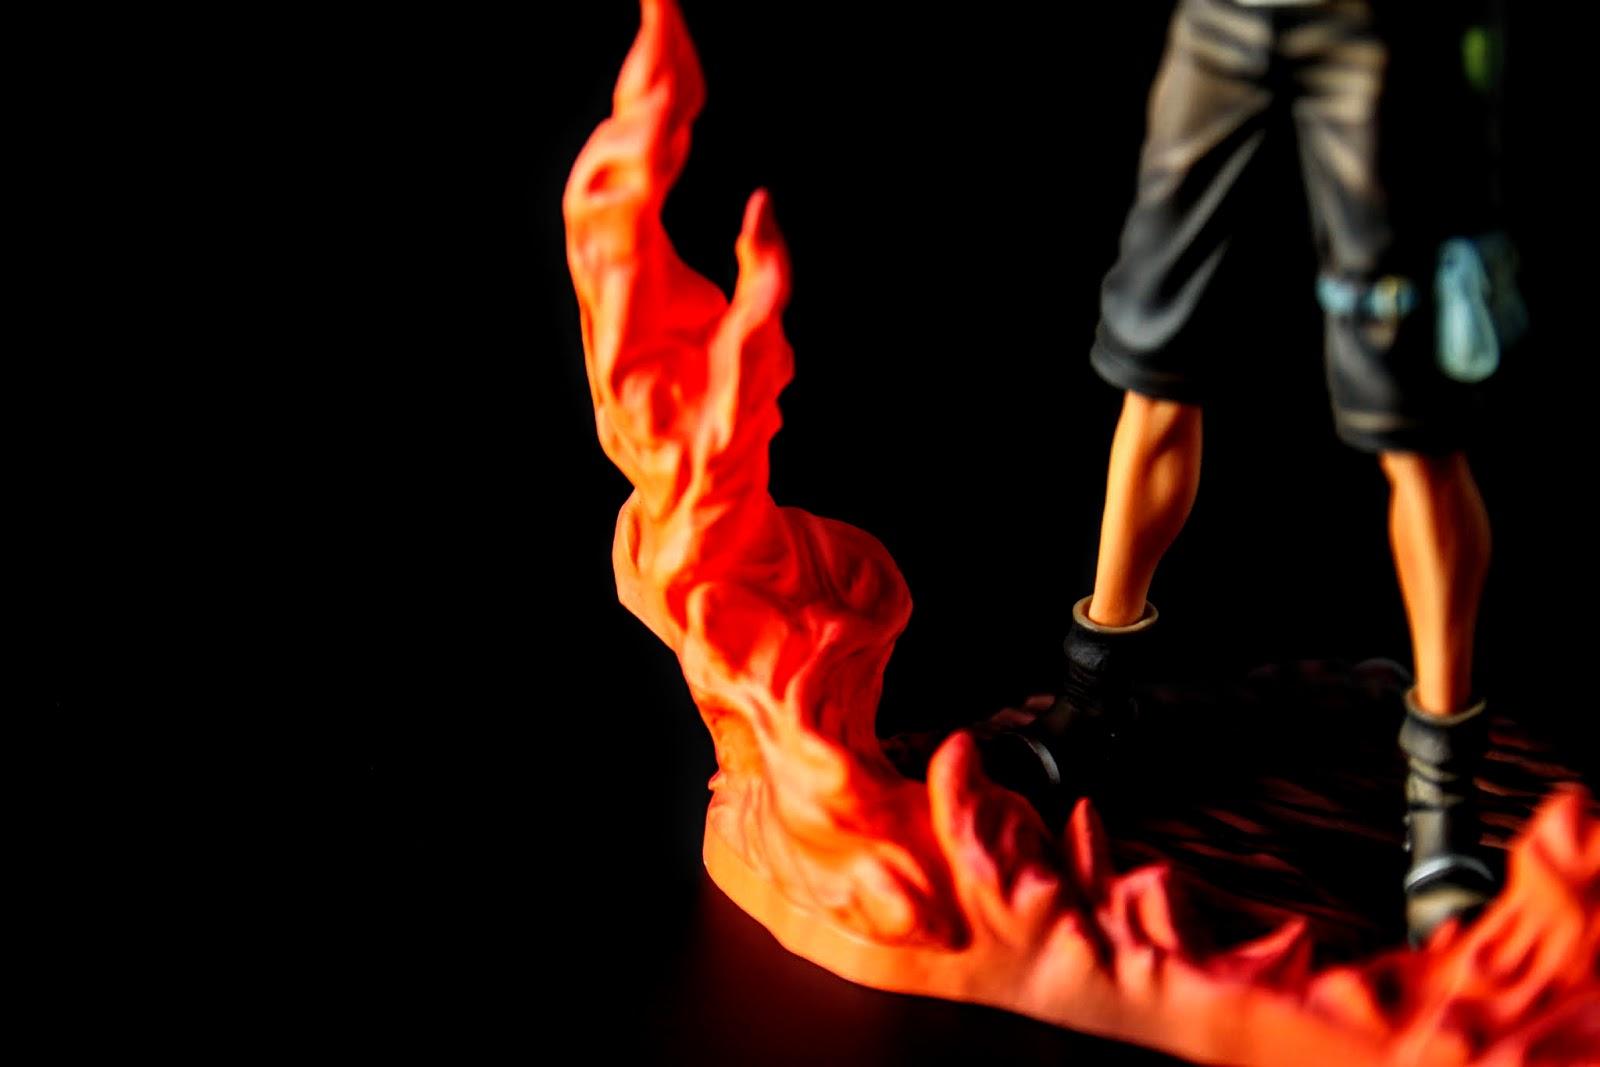 火拳艾斯, 有火焰在旁邊是必須的